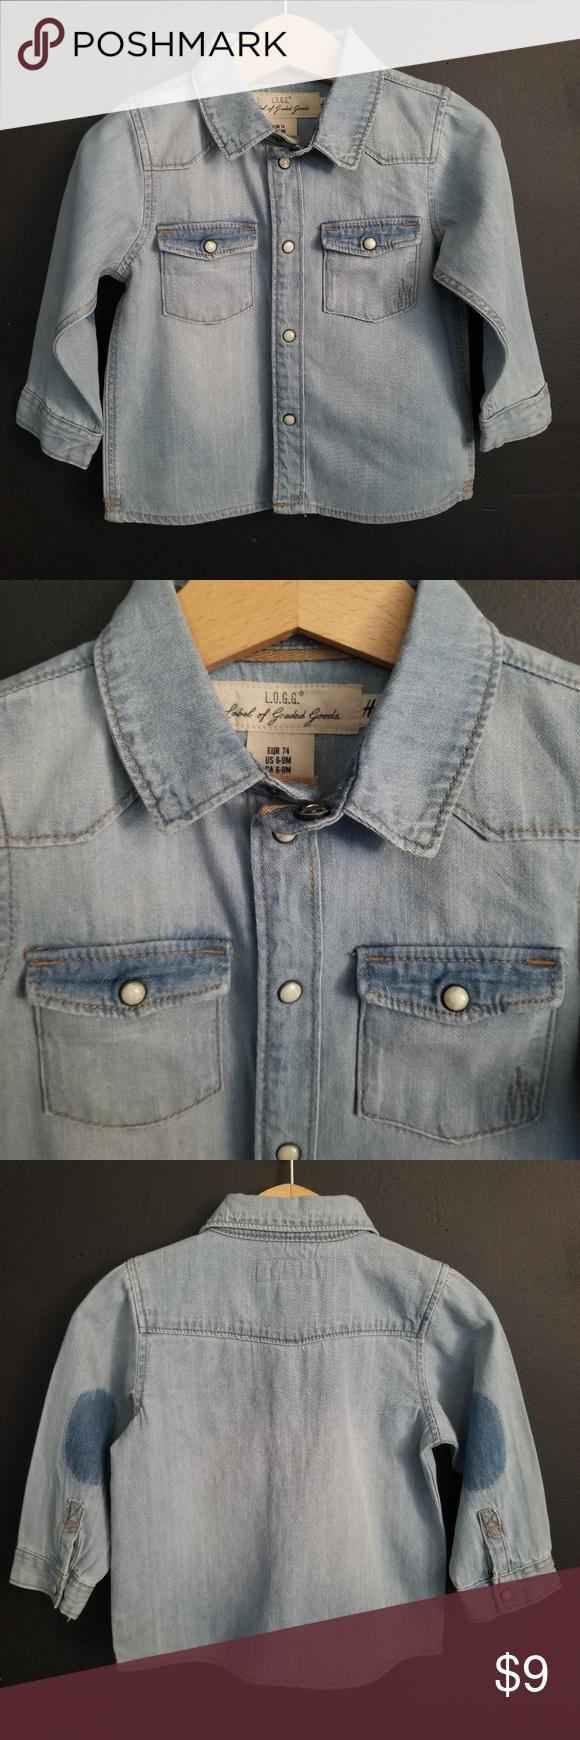 9802c177a951c 6 9M Boys H M Denim Jeans Shirt ☆Excellent condition ☆Clean